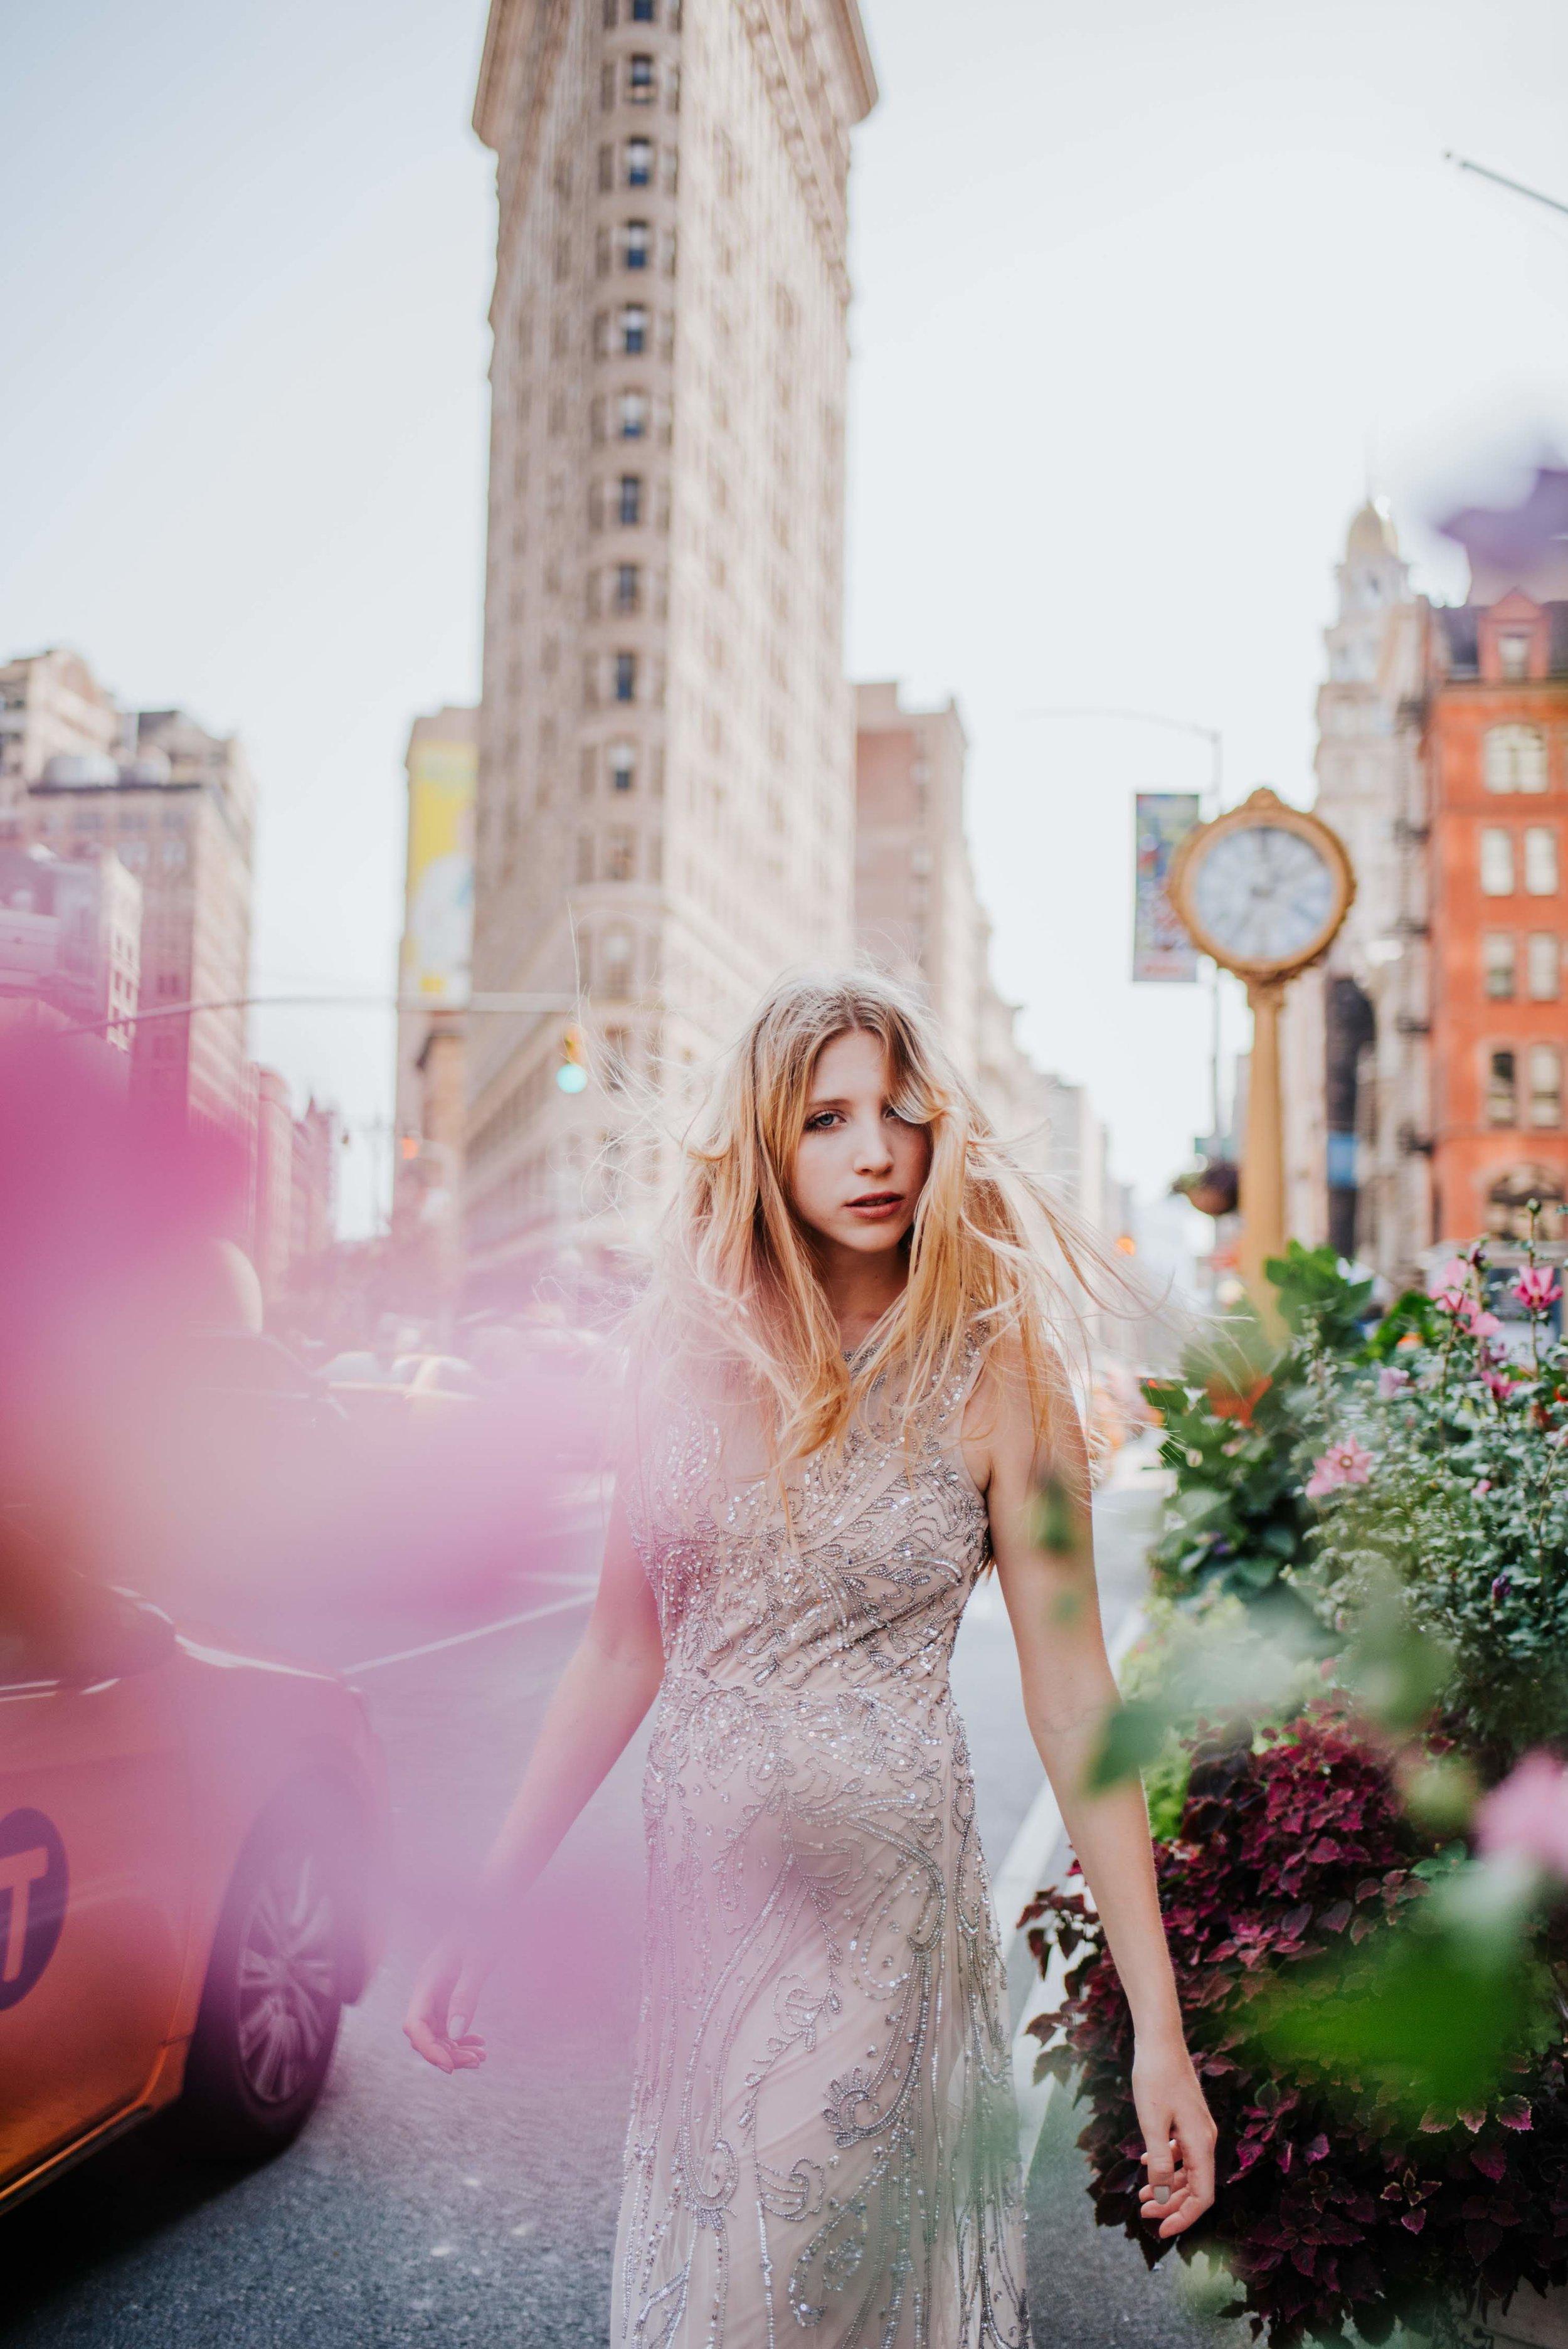 Jota Cardozzo en NYC por Carmela Catro Ruiz y Malvina Battiston 022.jpg